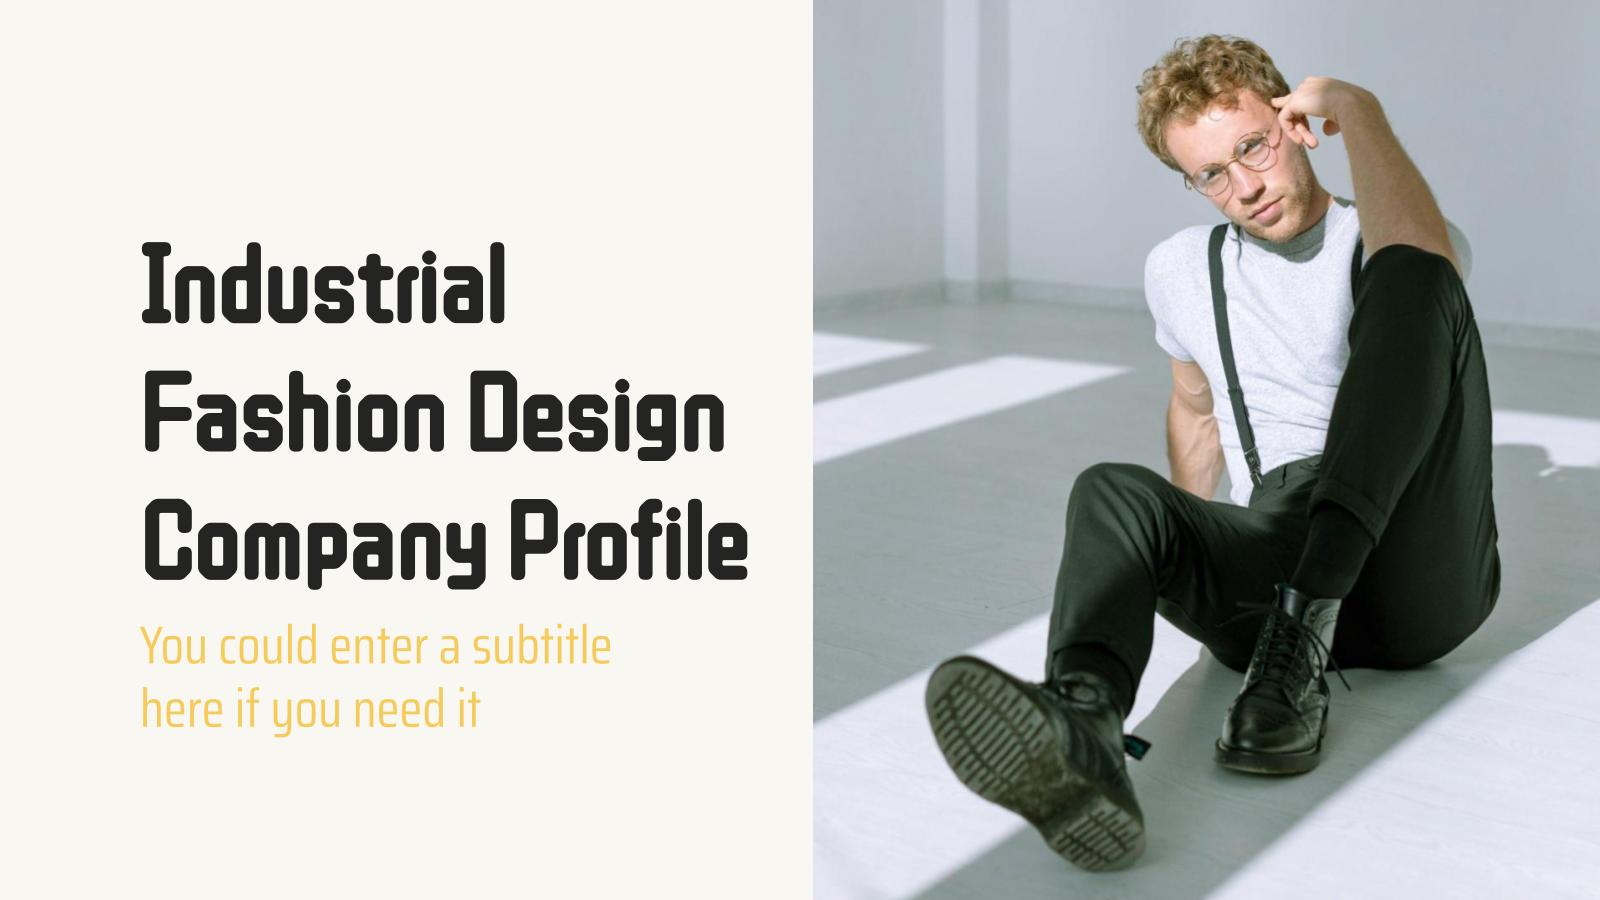 Industrial Fashion Design Company Profile presentation template